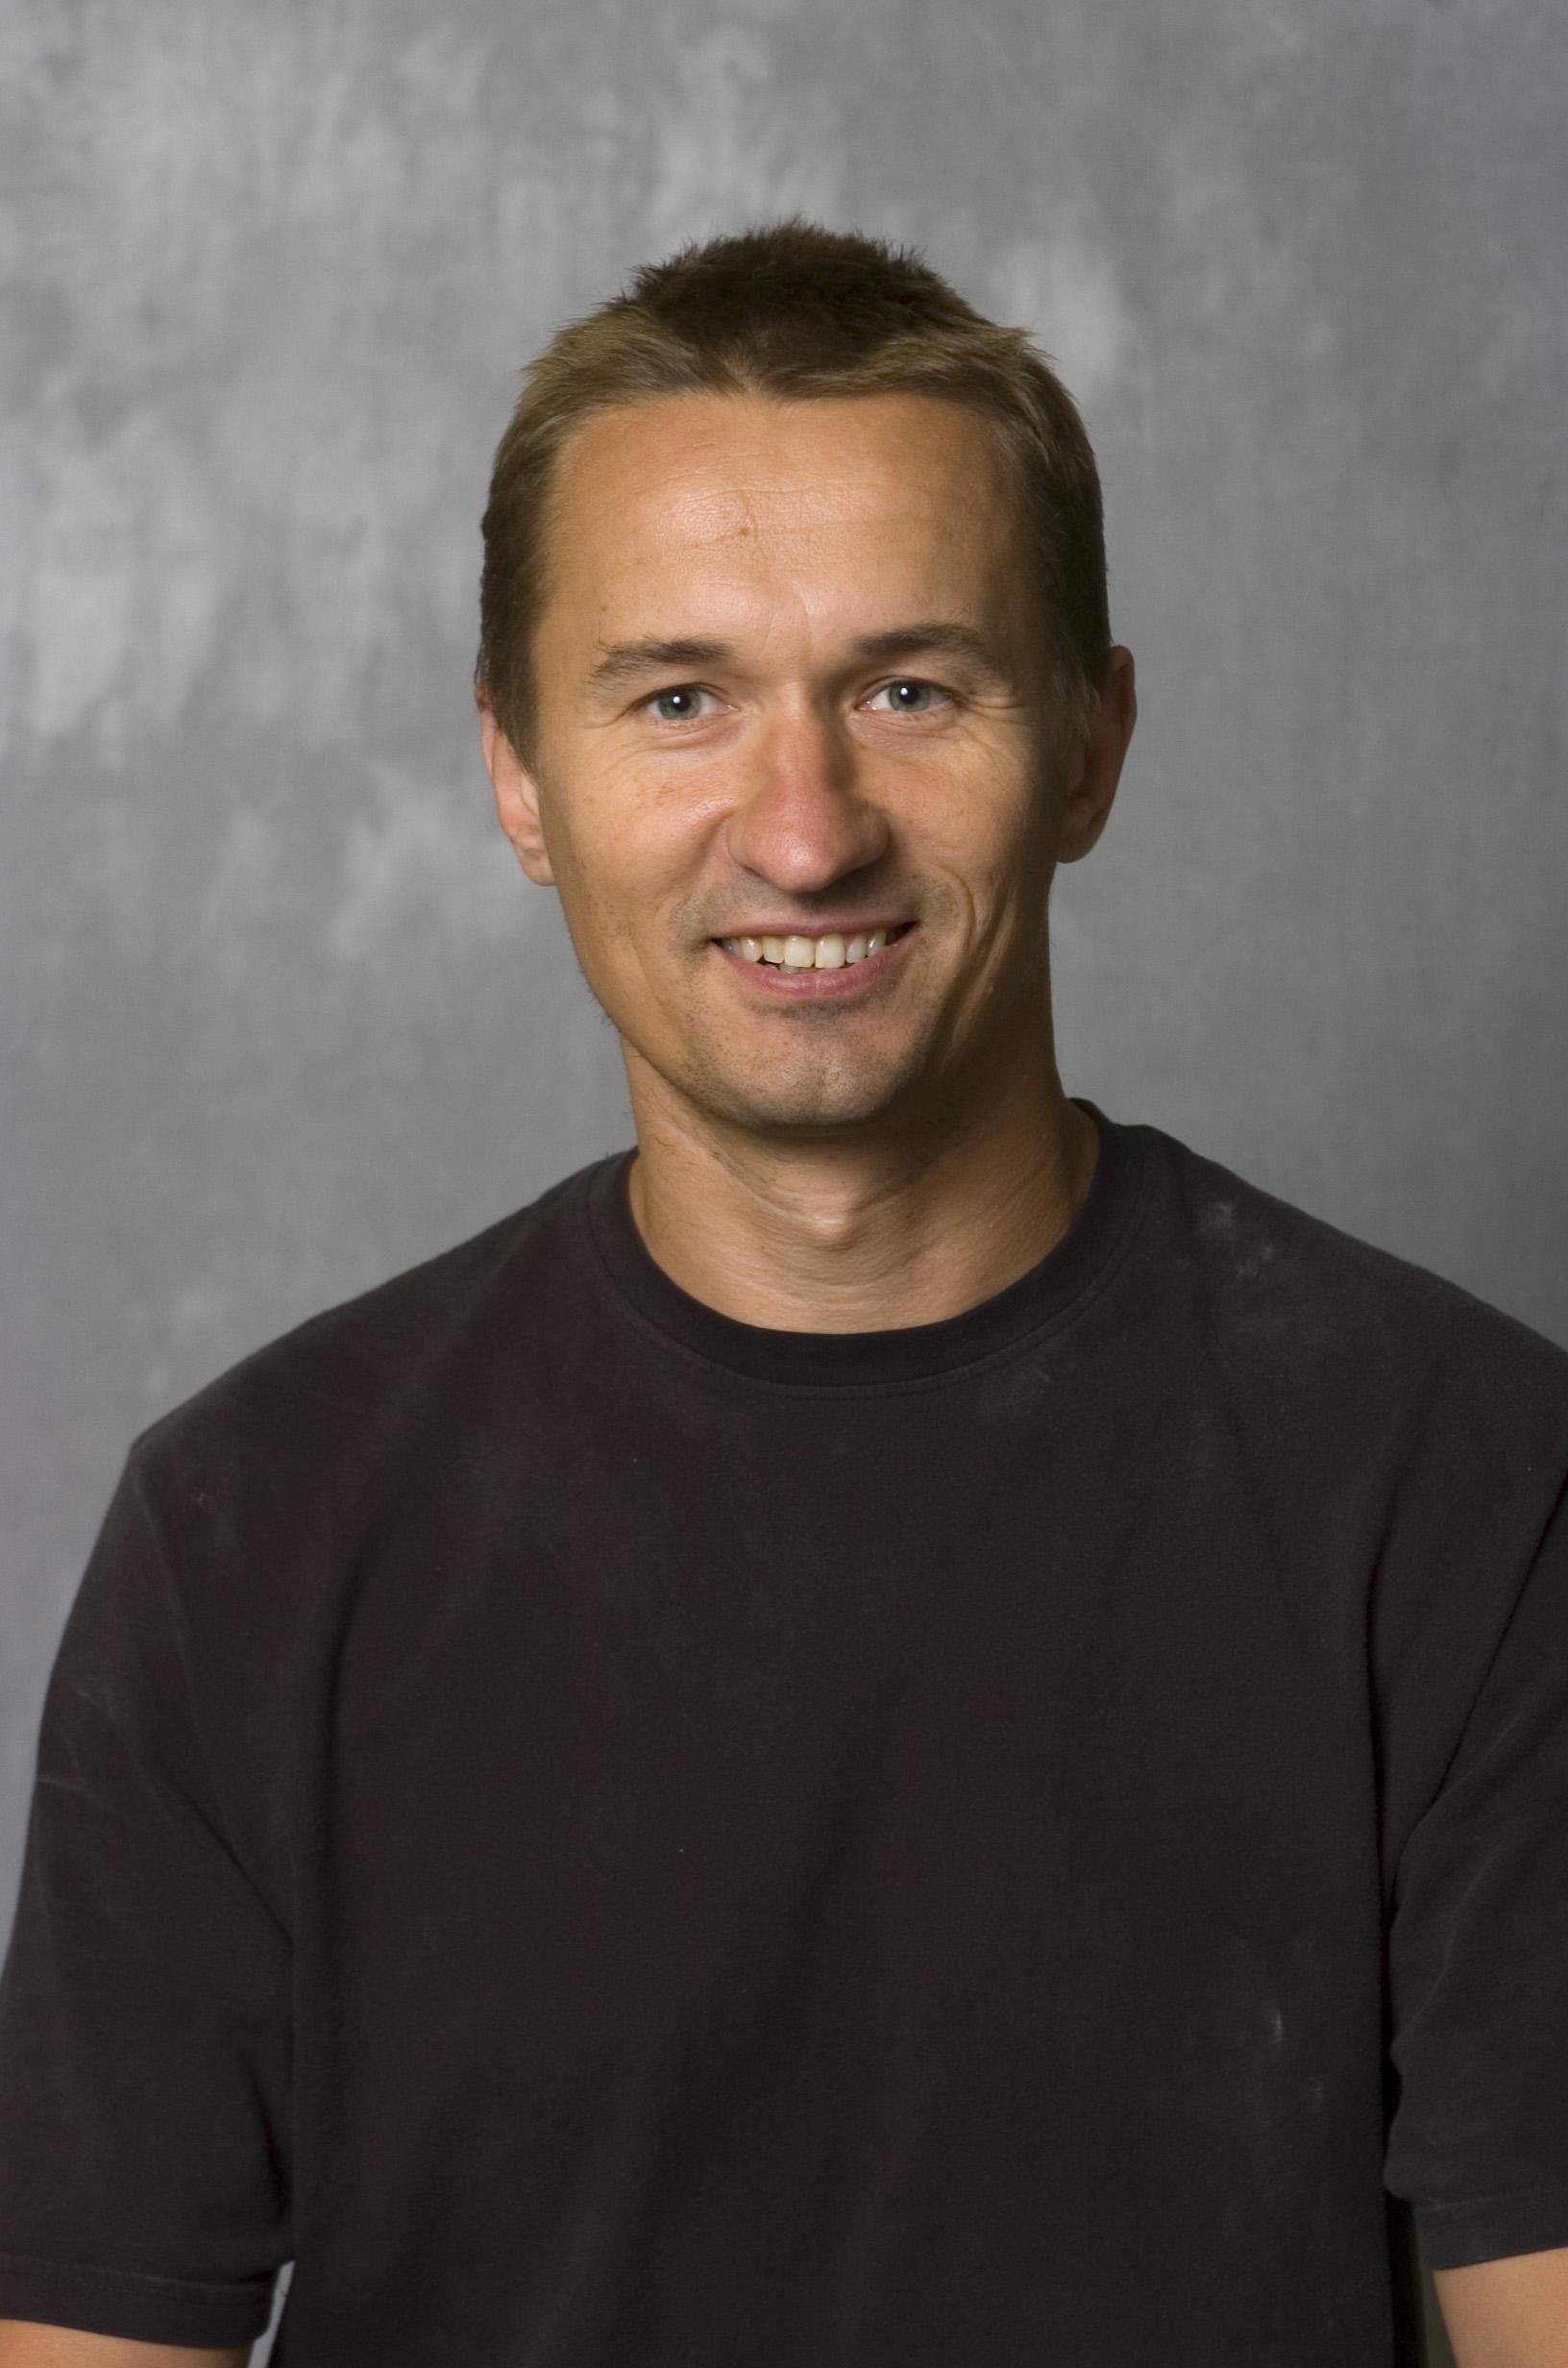 Jaroslaw Wlodarczyk